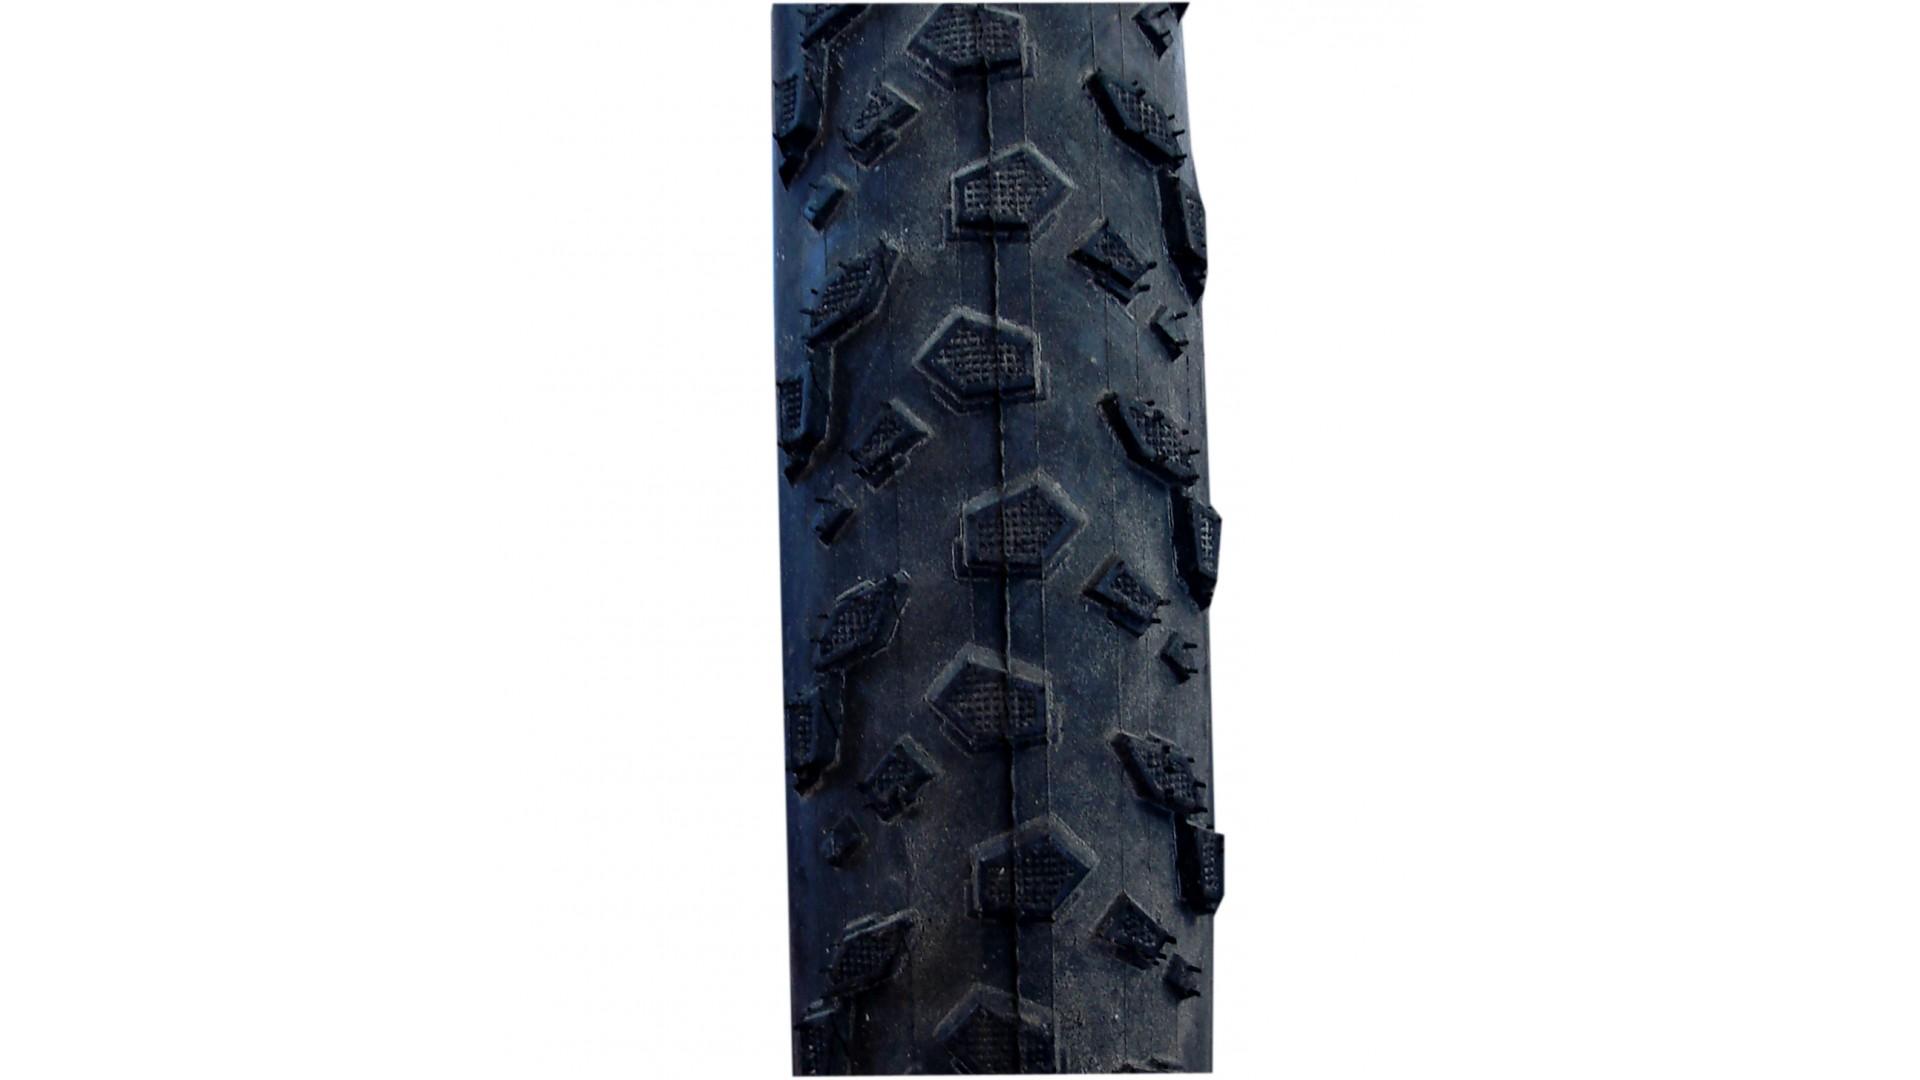 Покрышка Panaracer Razer XC 26*2.10 Steel black